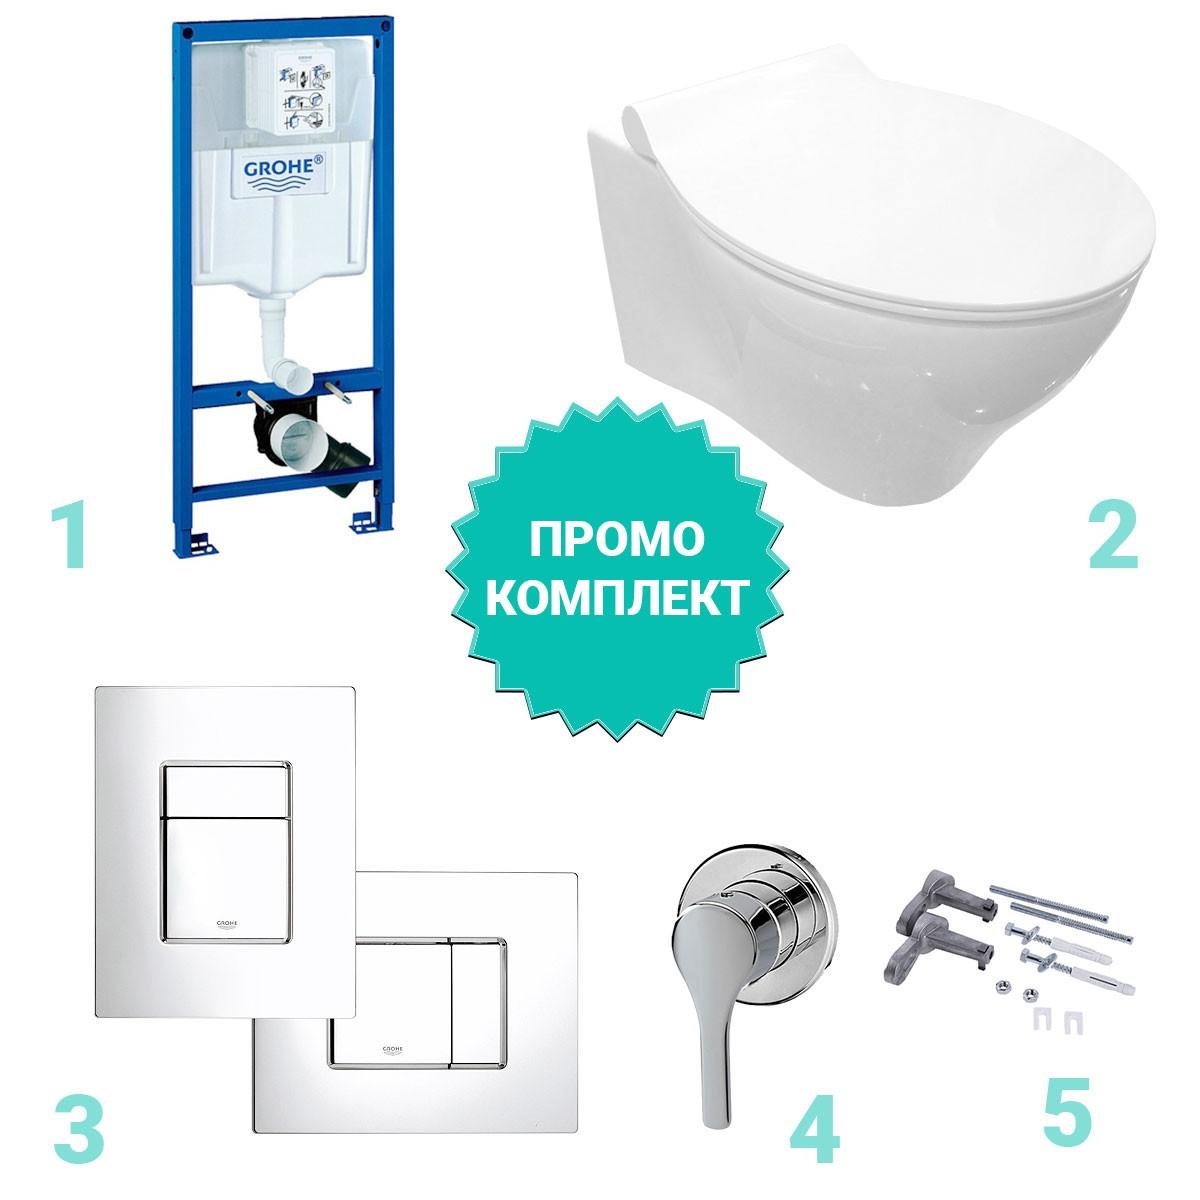 serel-promo-komplekt-4in1-vgrajdane-toaletna-chinia-52cm-rimfree-bide-new-slim-soft